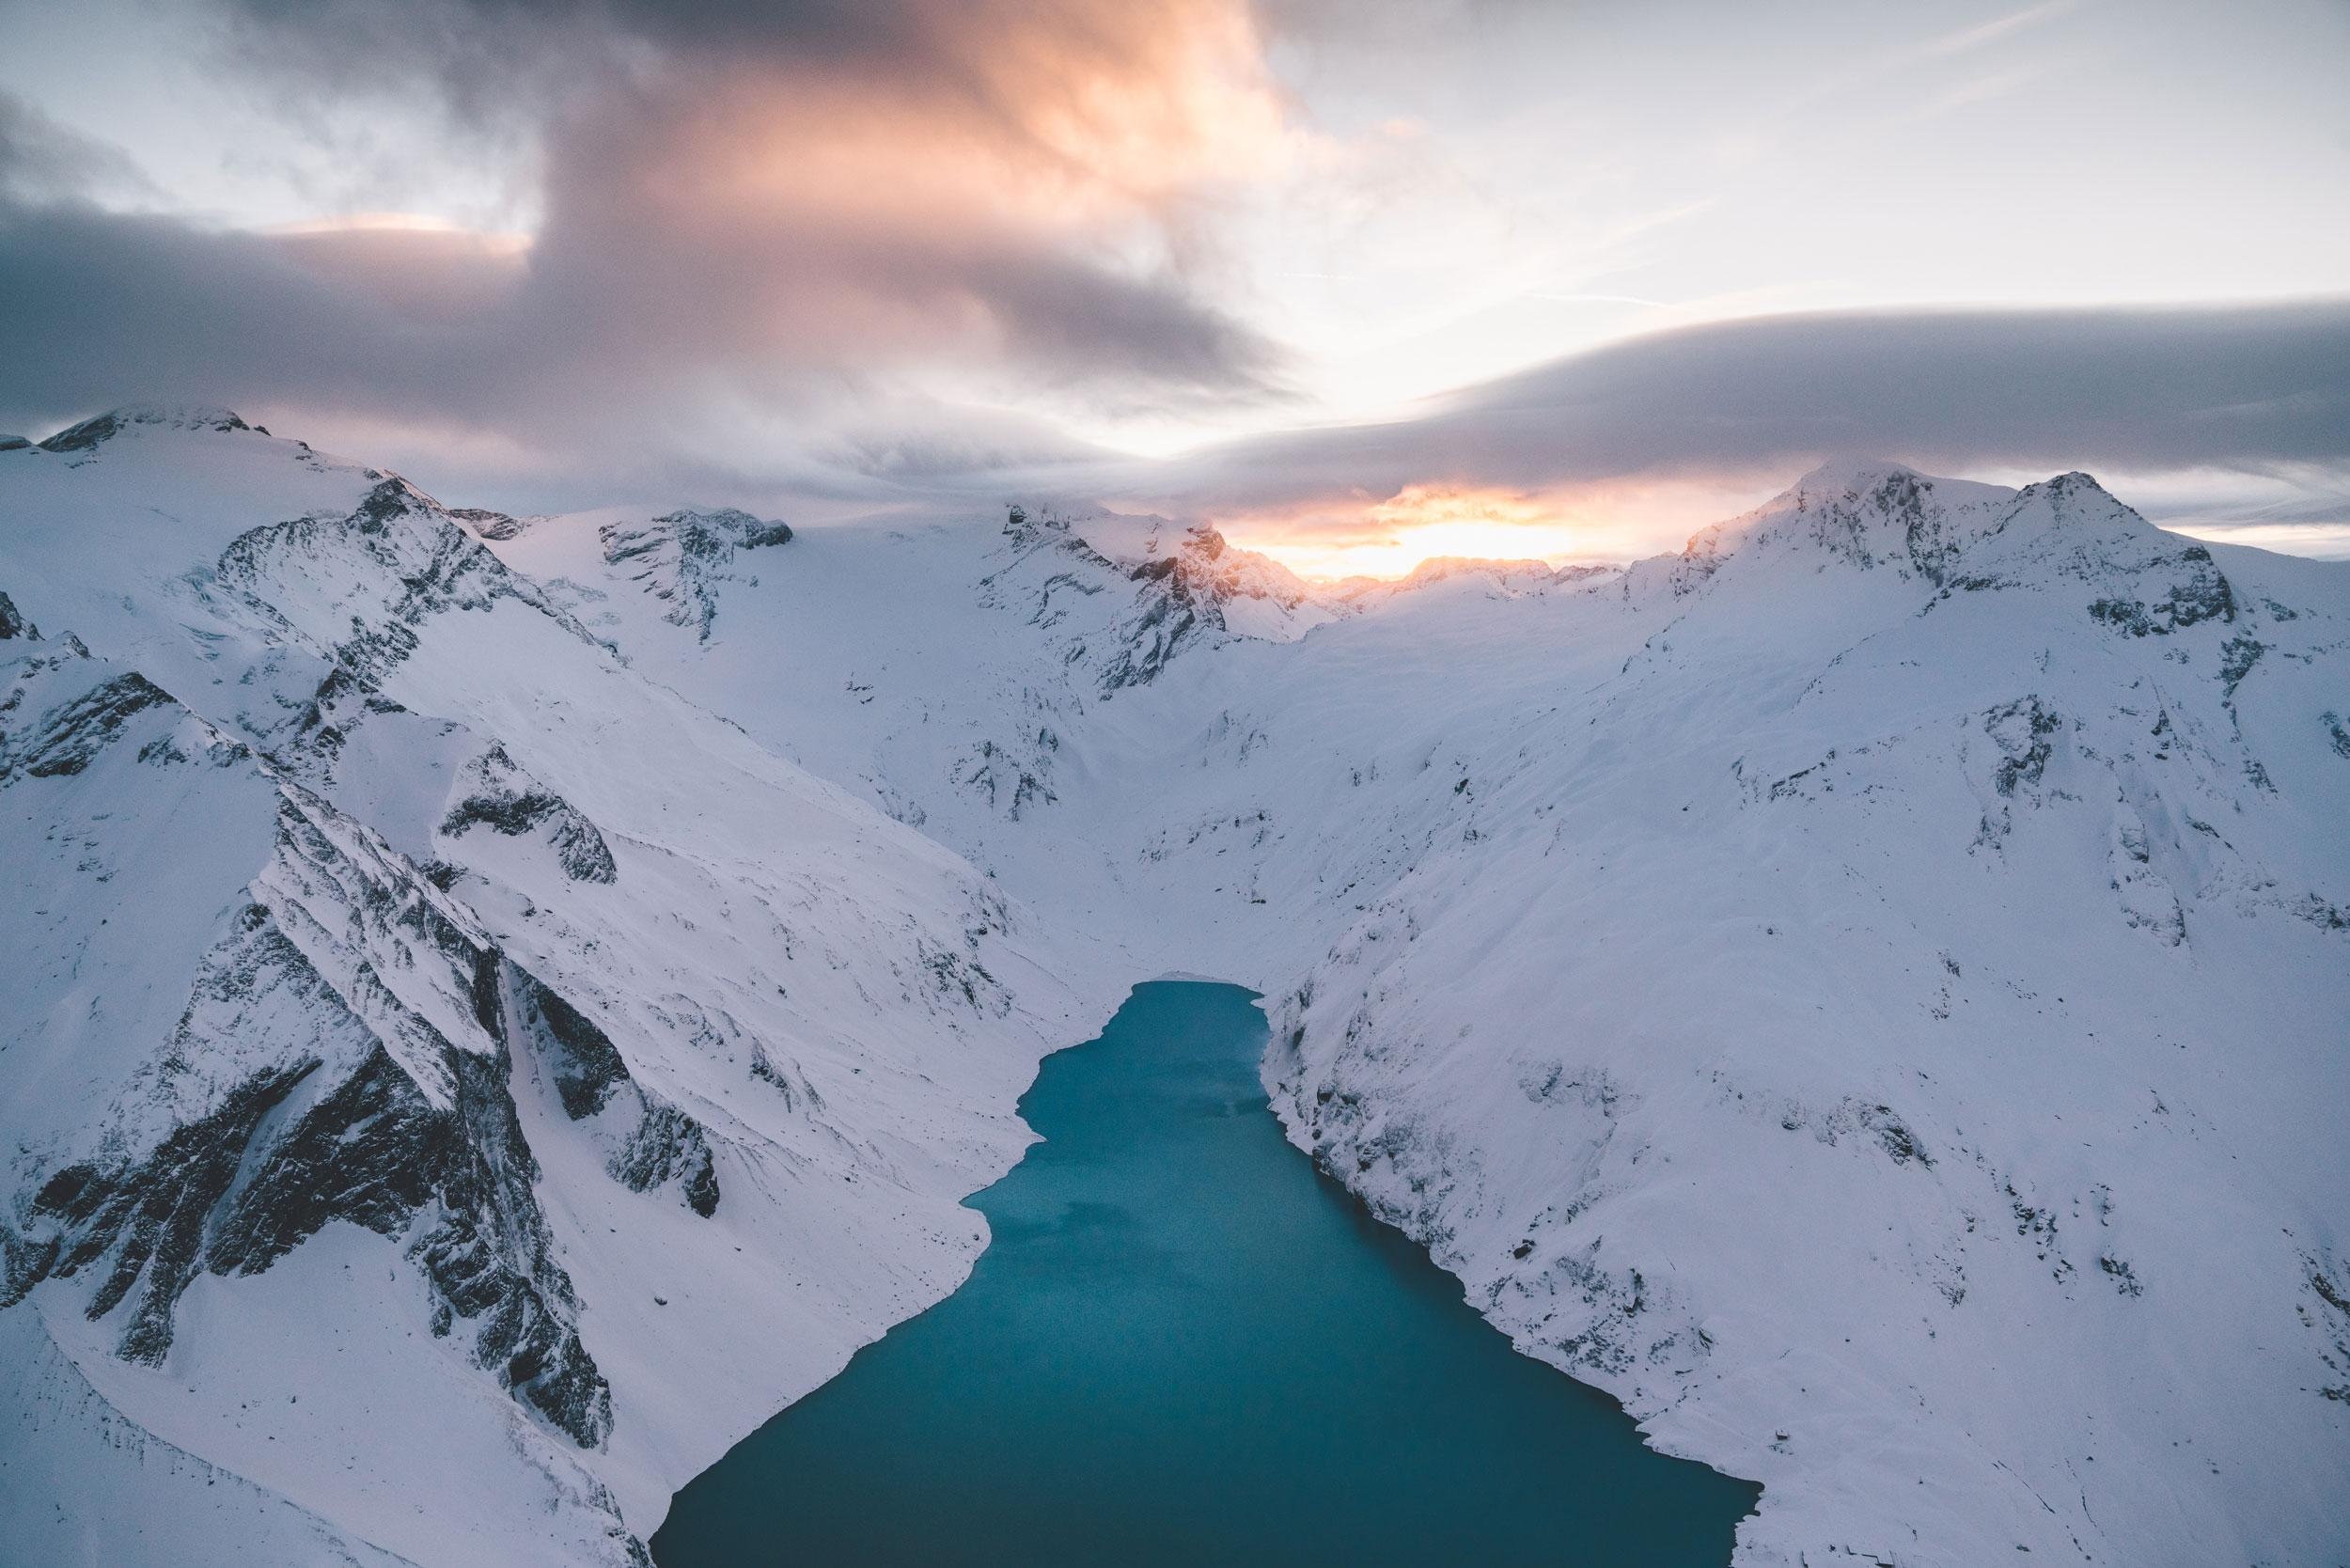 lake mountains. Austria, 2017 - rawmeyn   ello